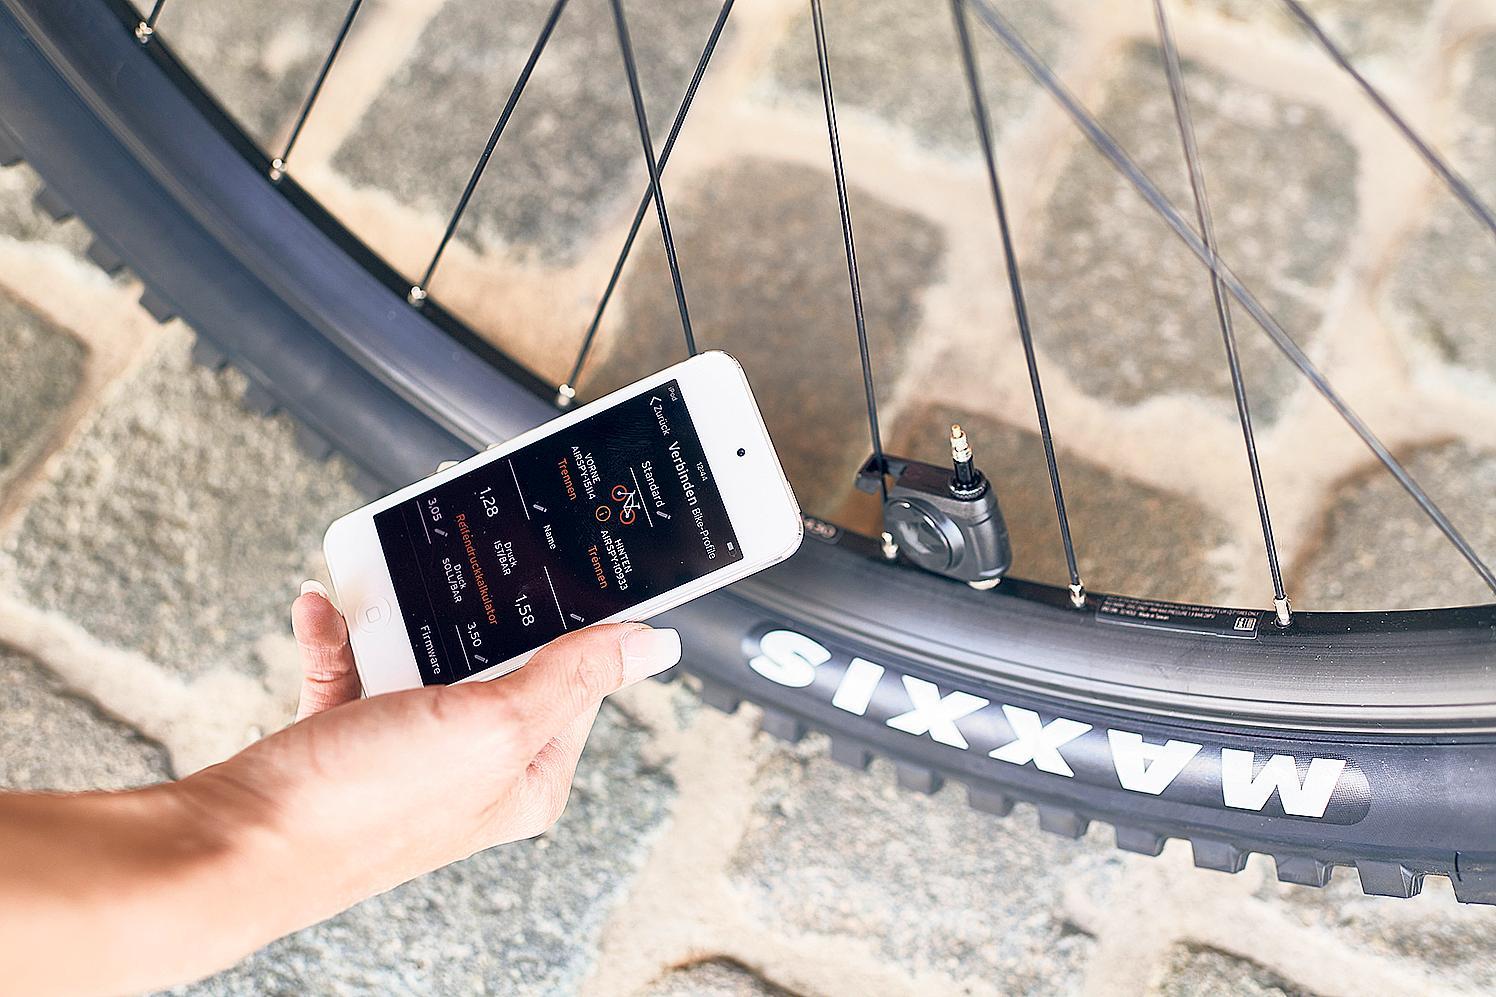 Technik wie beim Auto: Das Reifendruckkontrollsystem Airspy übermittelt den Luftdruck an eine App.